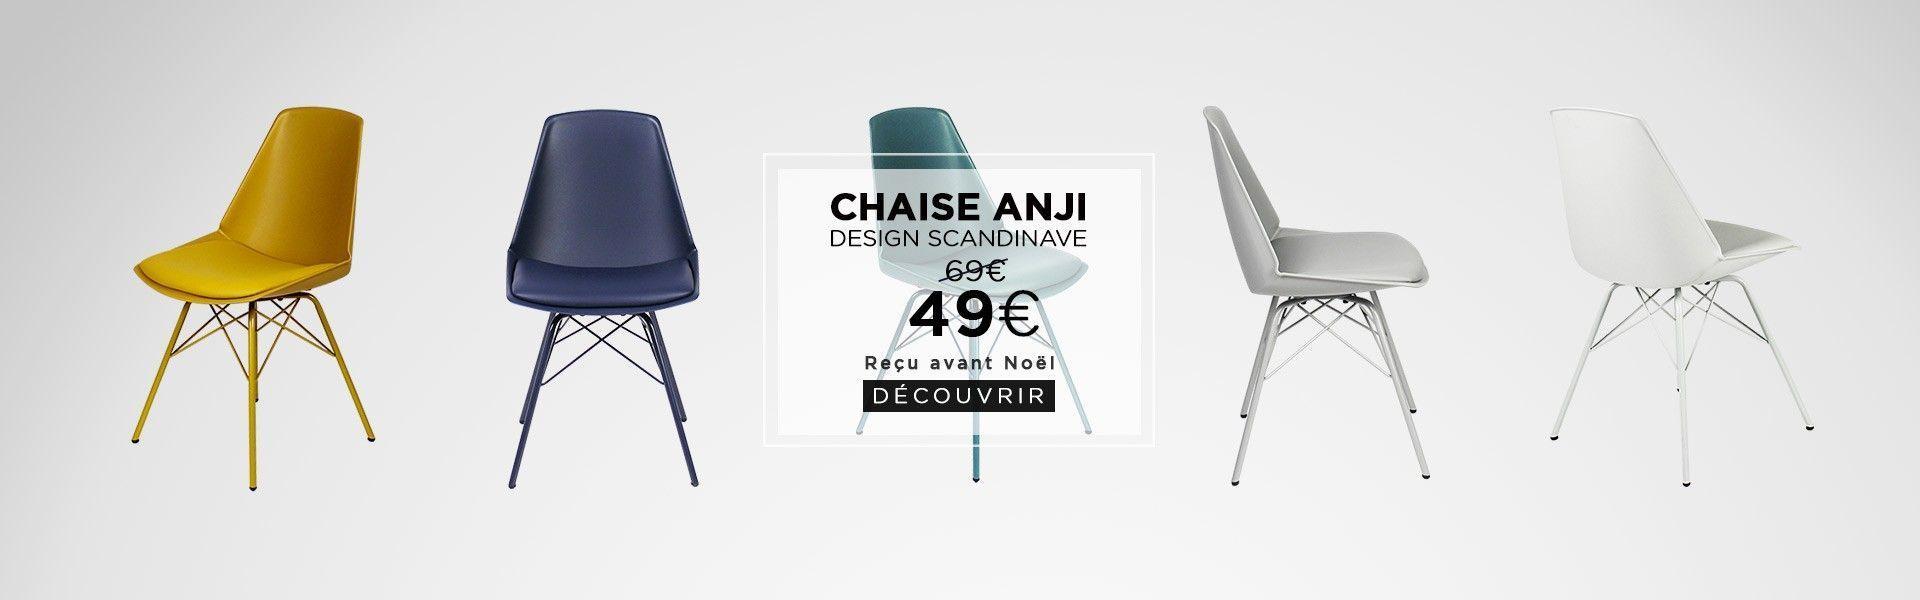 chaise anji livraison noel